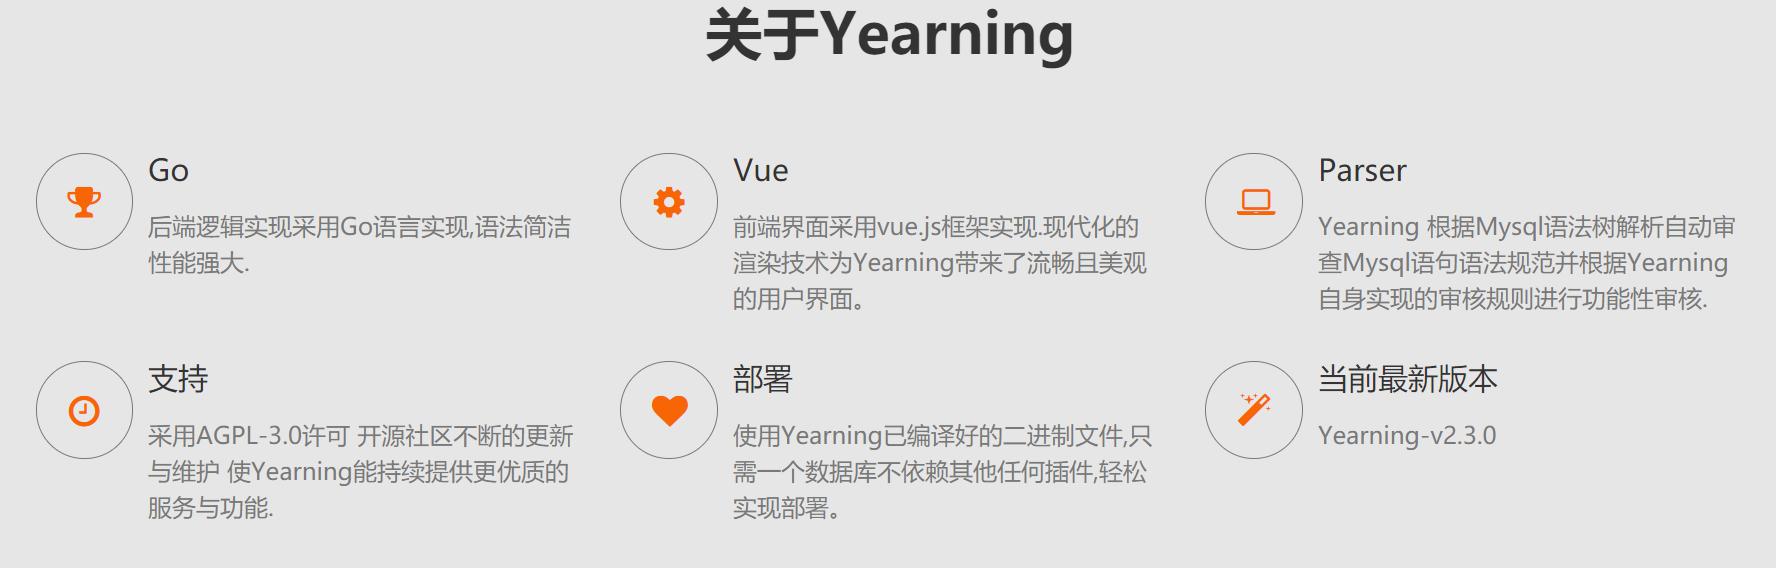 YearningSQL